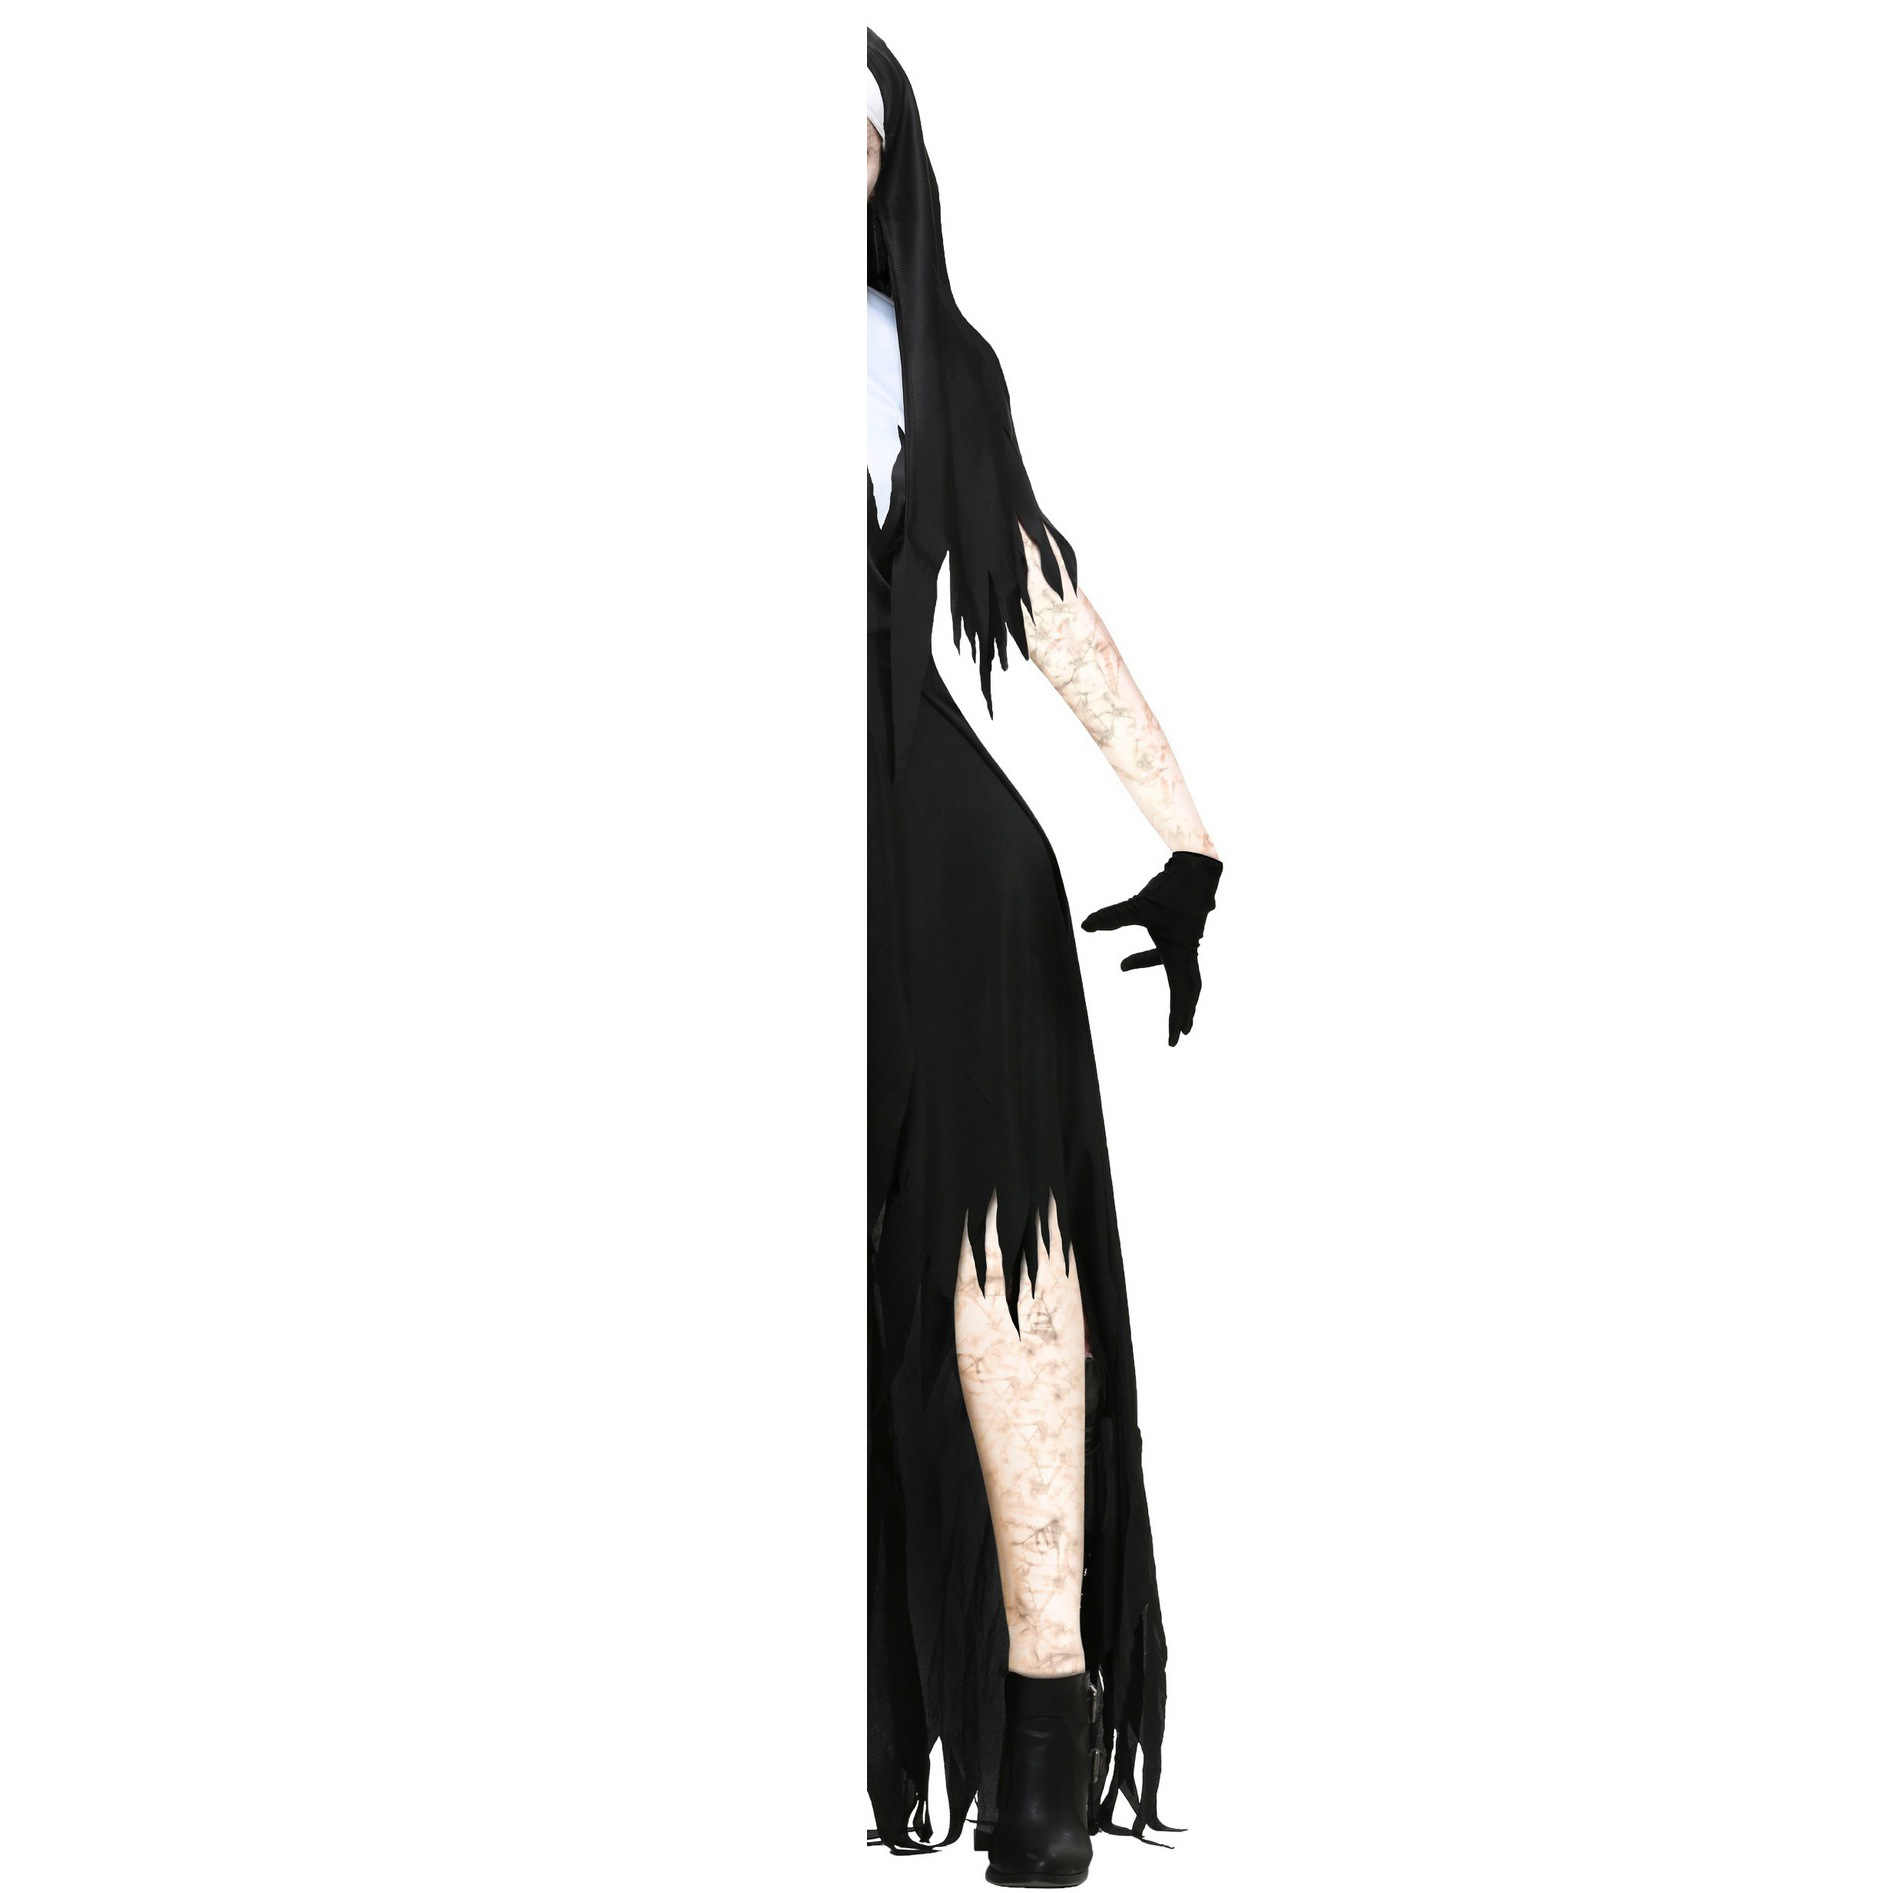 ליל כל הקדושים מפחיד נון קוספליי תלבושות נשים שחור ערפד פנטזיה שמלת מכשפה טרור אחות מסיבת תחפושת נשי Bruja שטן